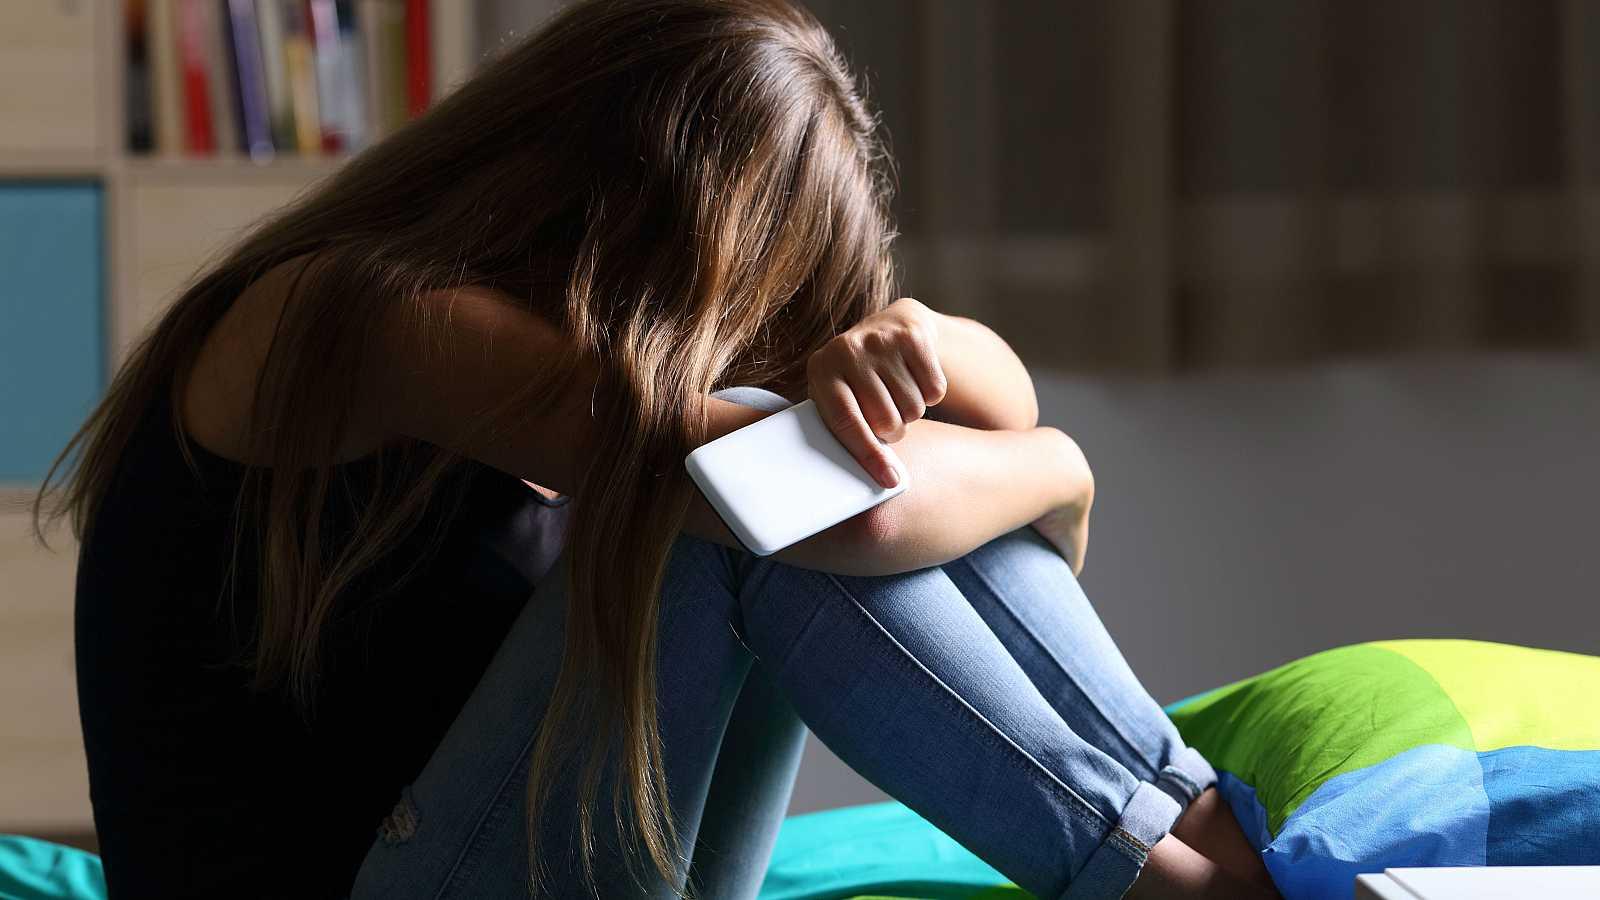 El 59 % de las menores españolas han sido acosadas en las redes sociales, según un estudio de la ONG Plan Internacional.